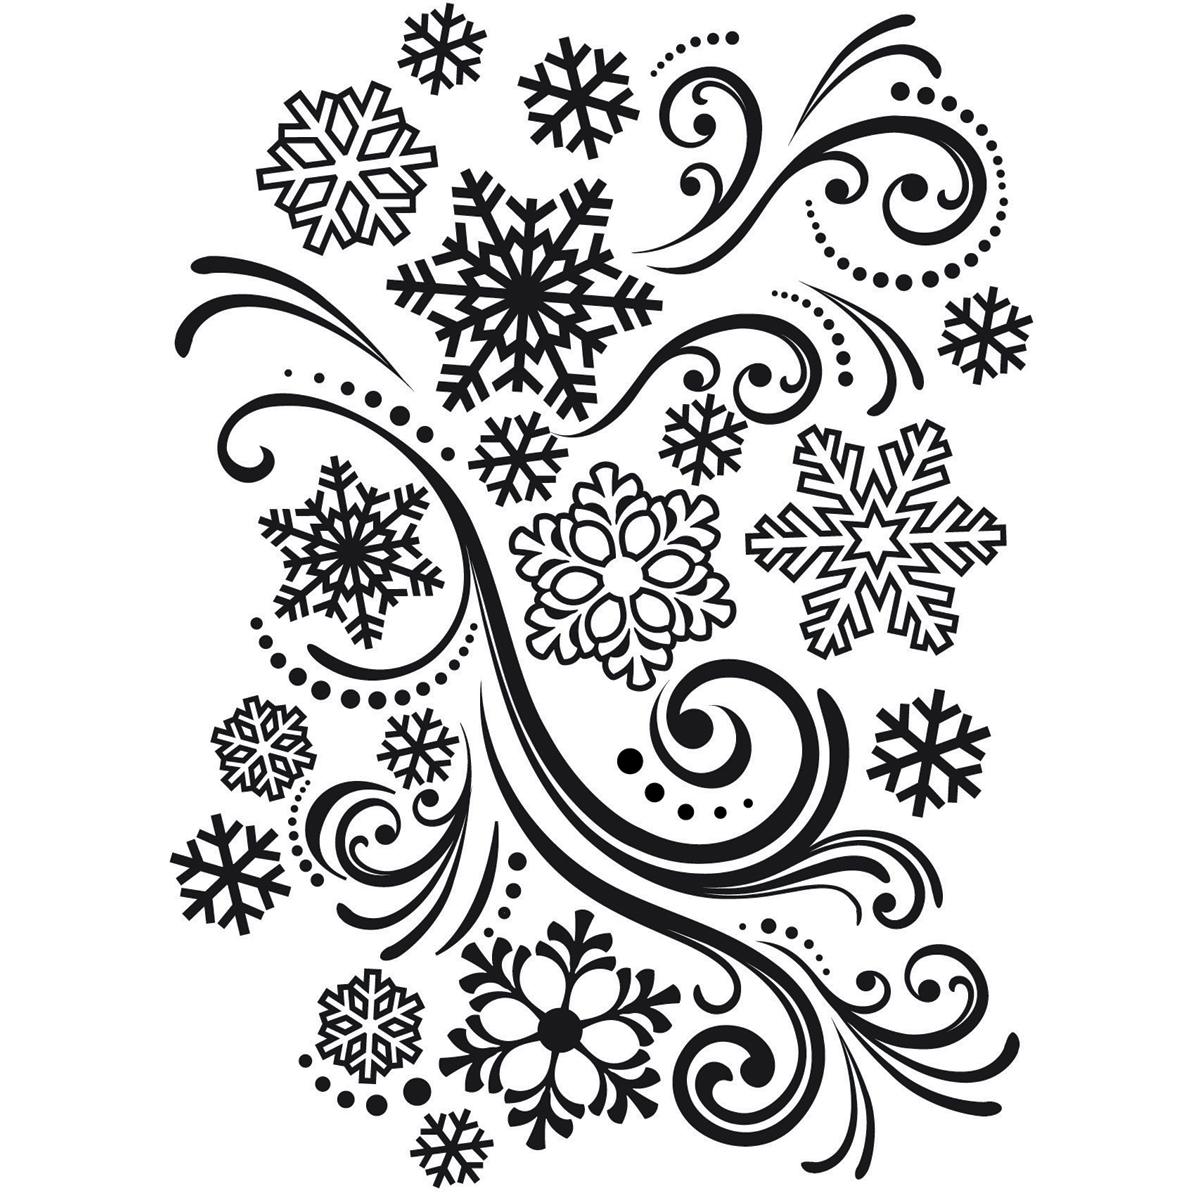 Darice snowflake swirl